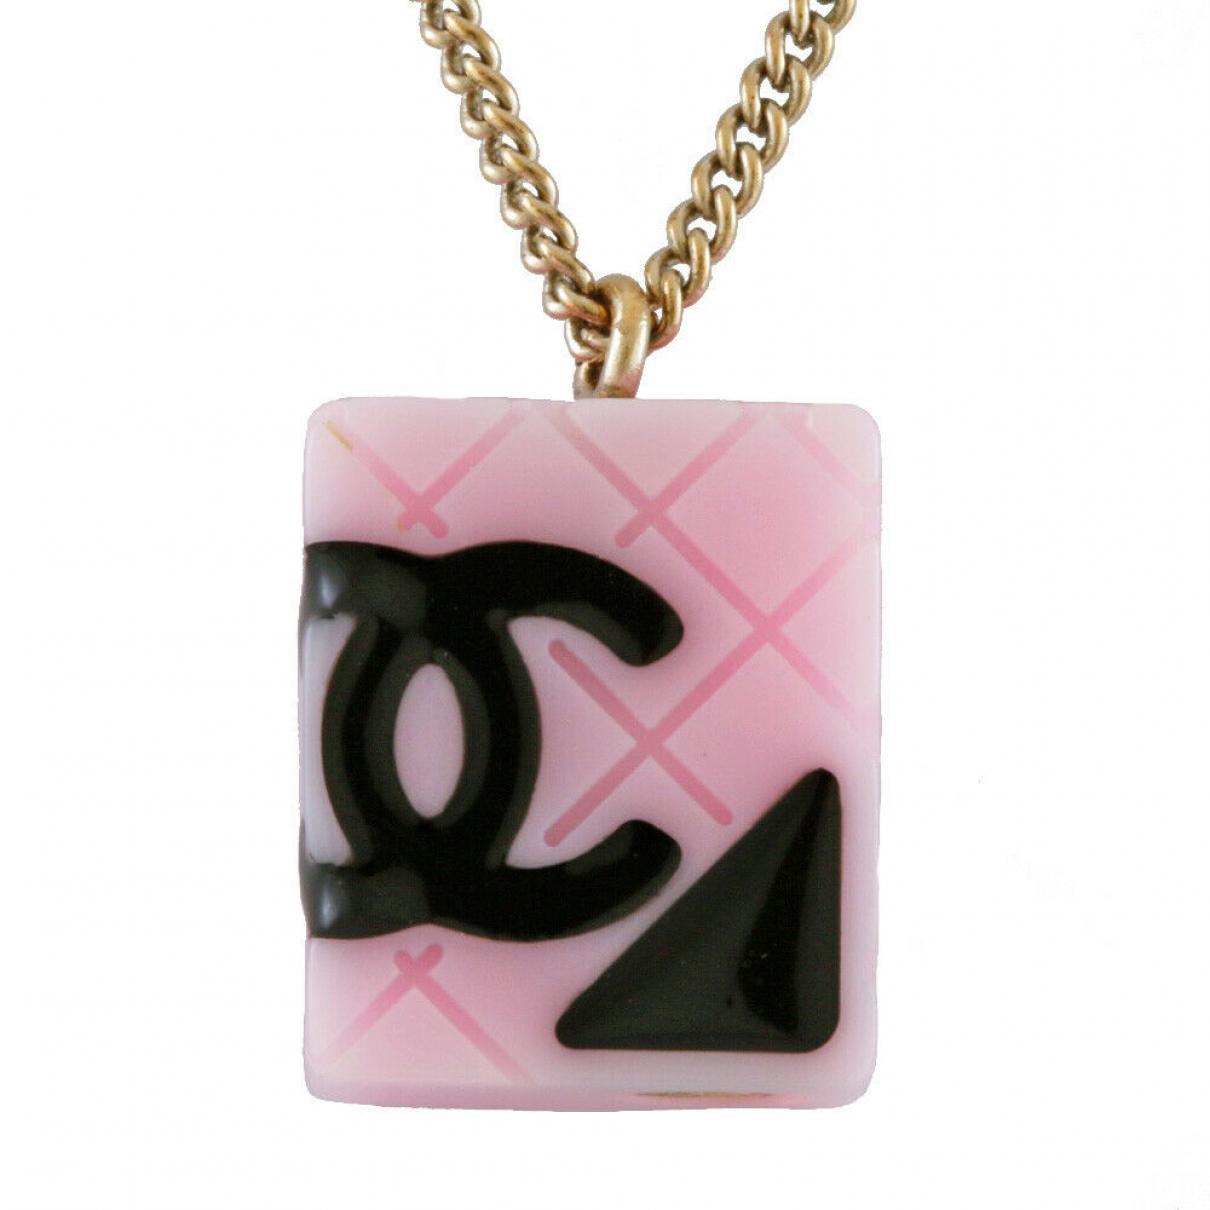 Chanel - Collier   pour femme en autre